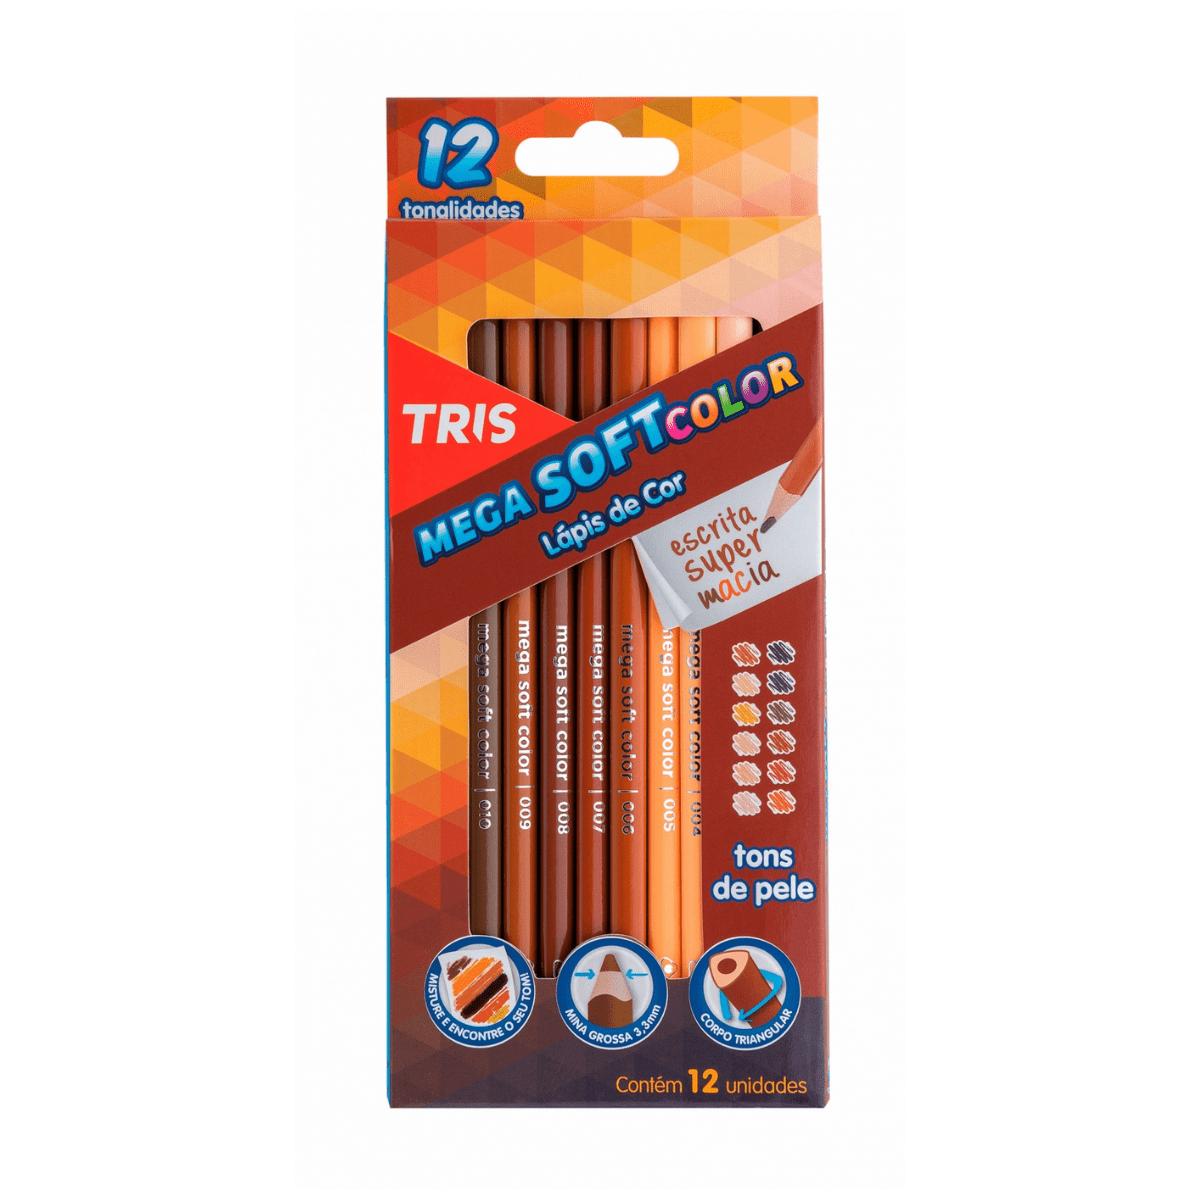 Lápis de Cor 12 cores Mega Soft Color Tons de Pele - Tris